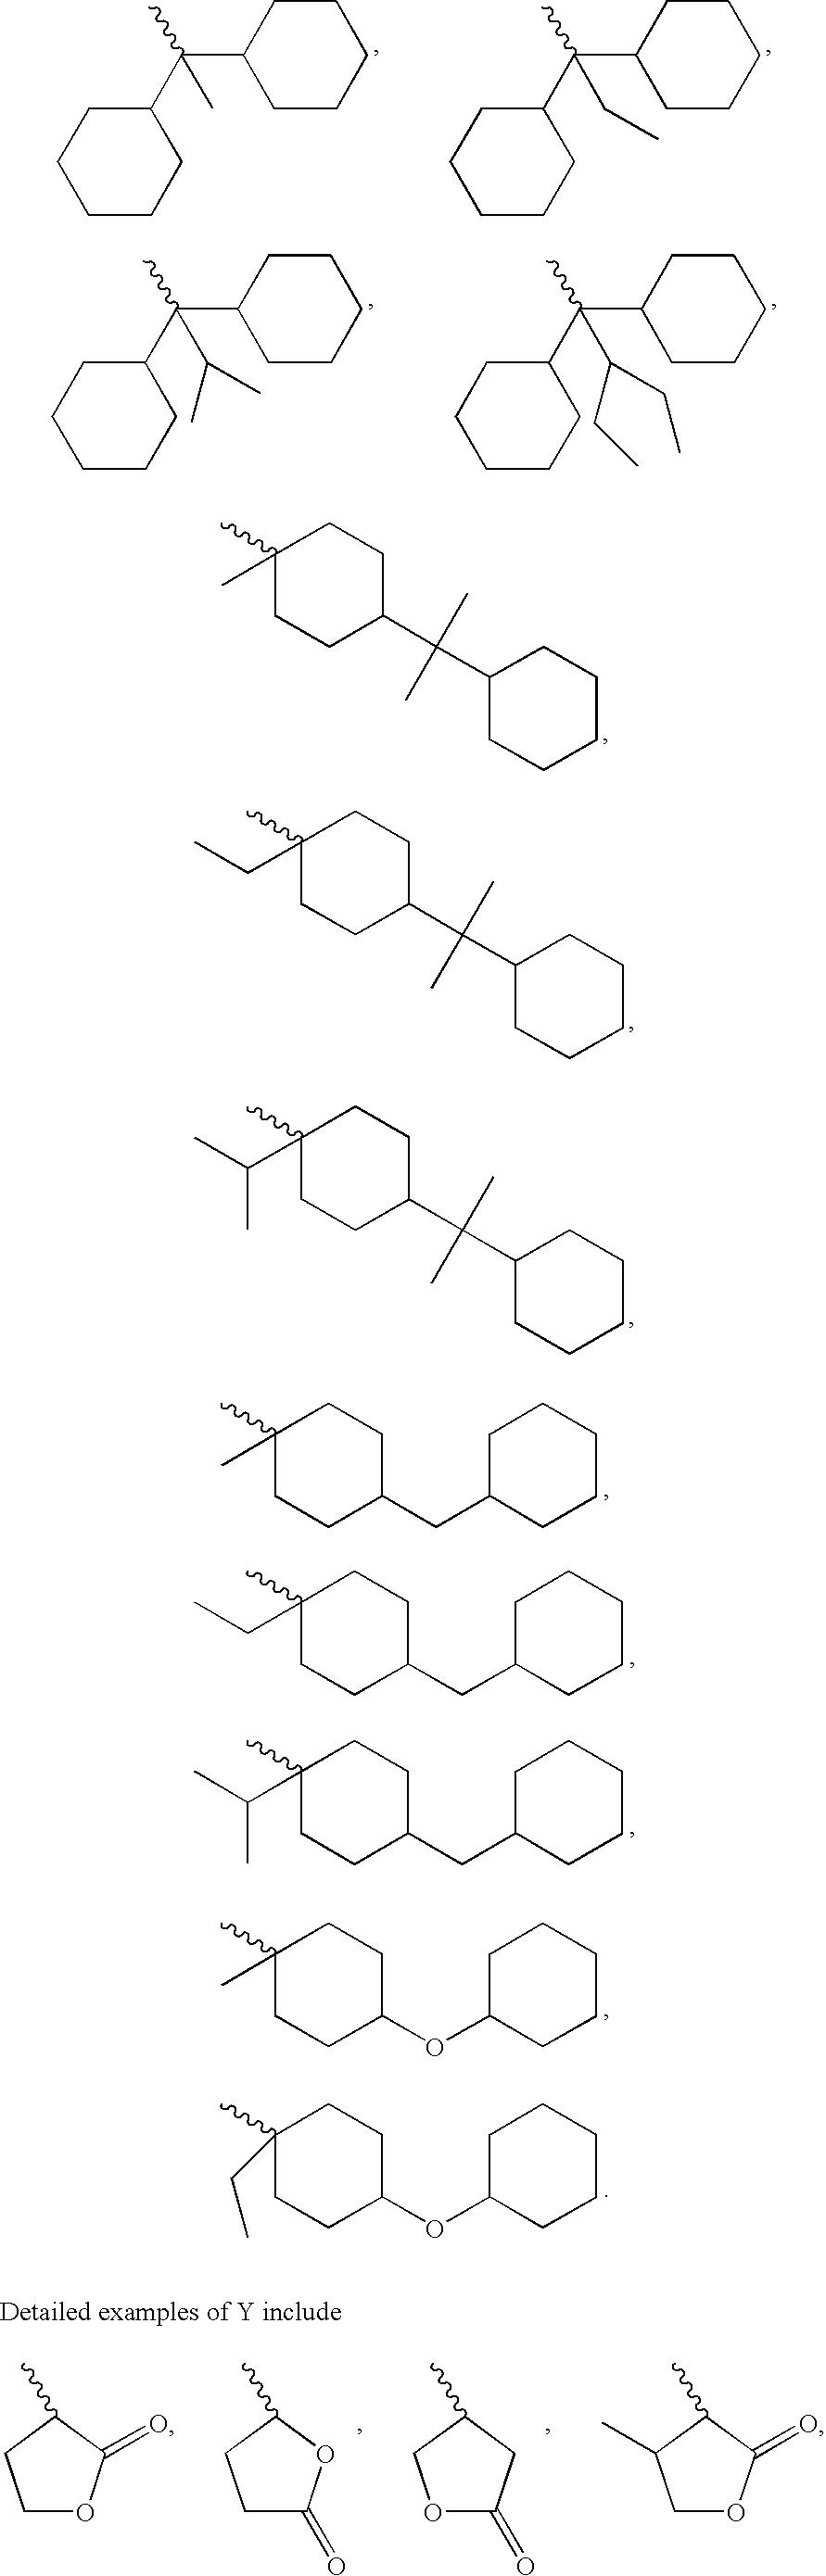 Figure US20100233622A1-20100916-C00012